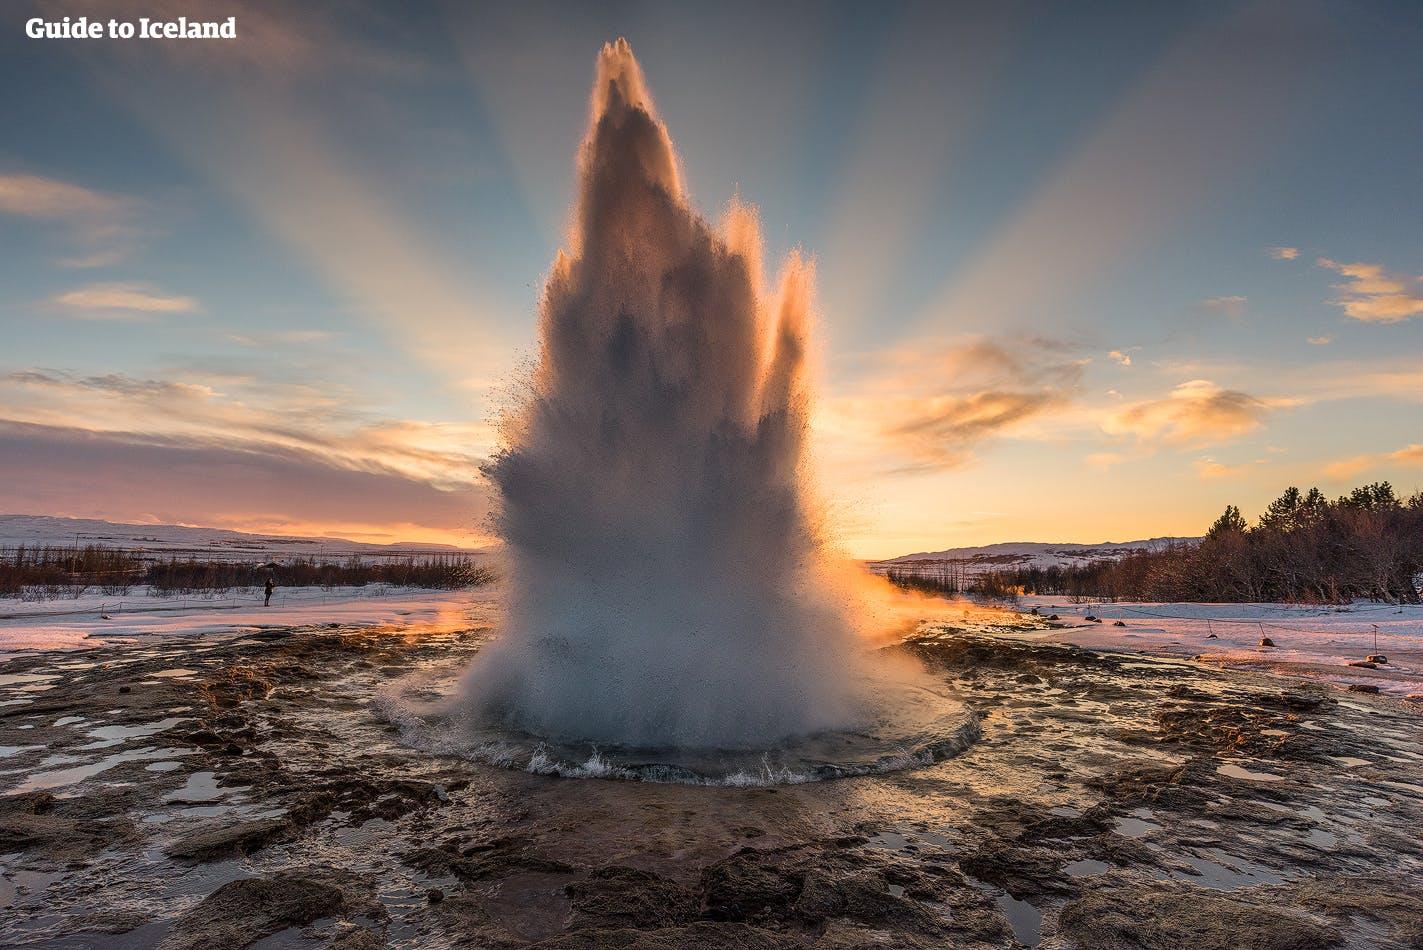 Visitez le Cercle d'Or et voyez le geyser Strokkur surgir dans une grande colonne d'eau.